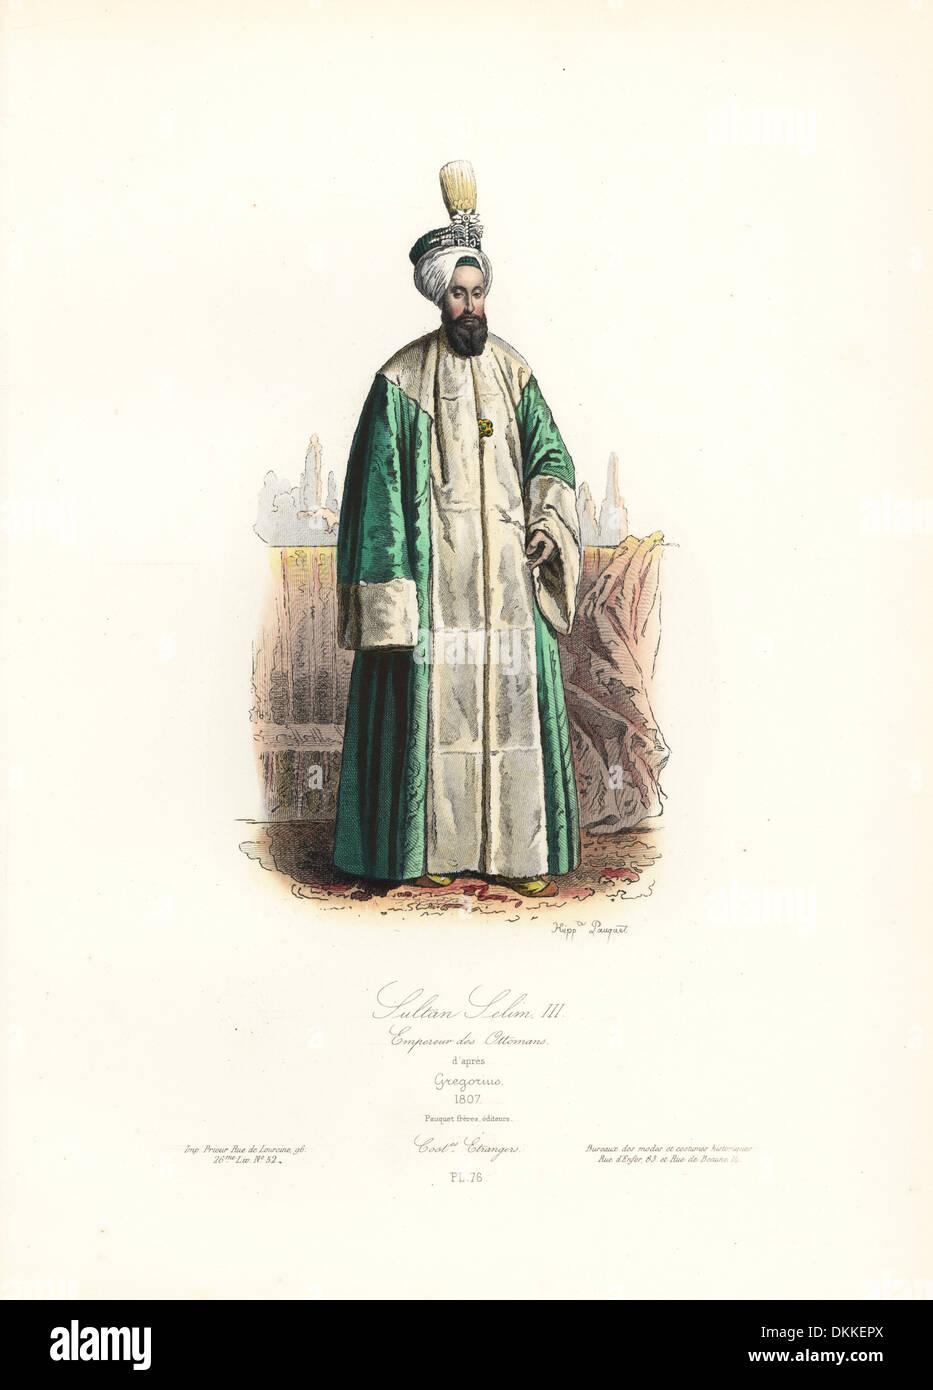 Sultan Selim III, Ottoman Emperor, 1807, after Gregorius. - Stock Image